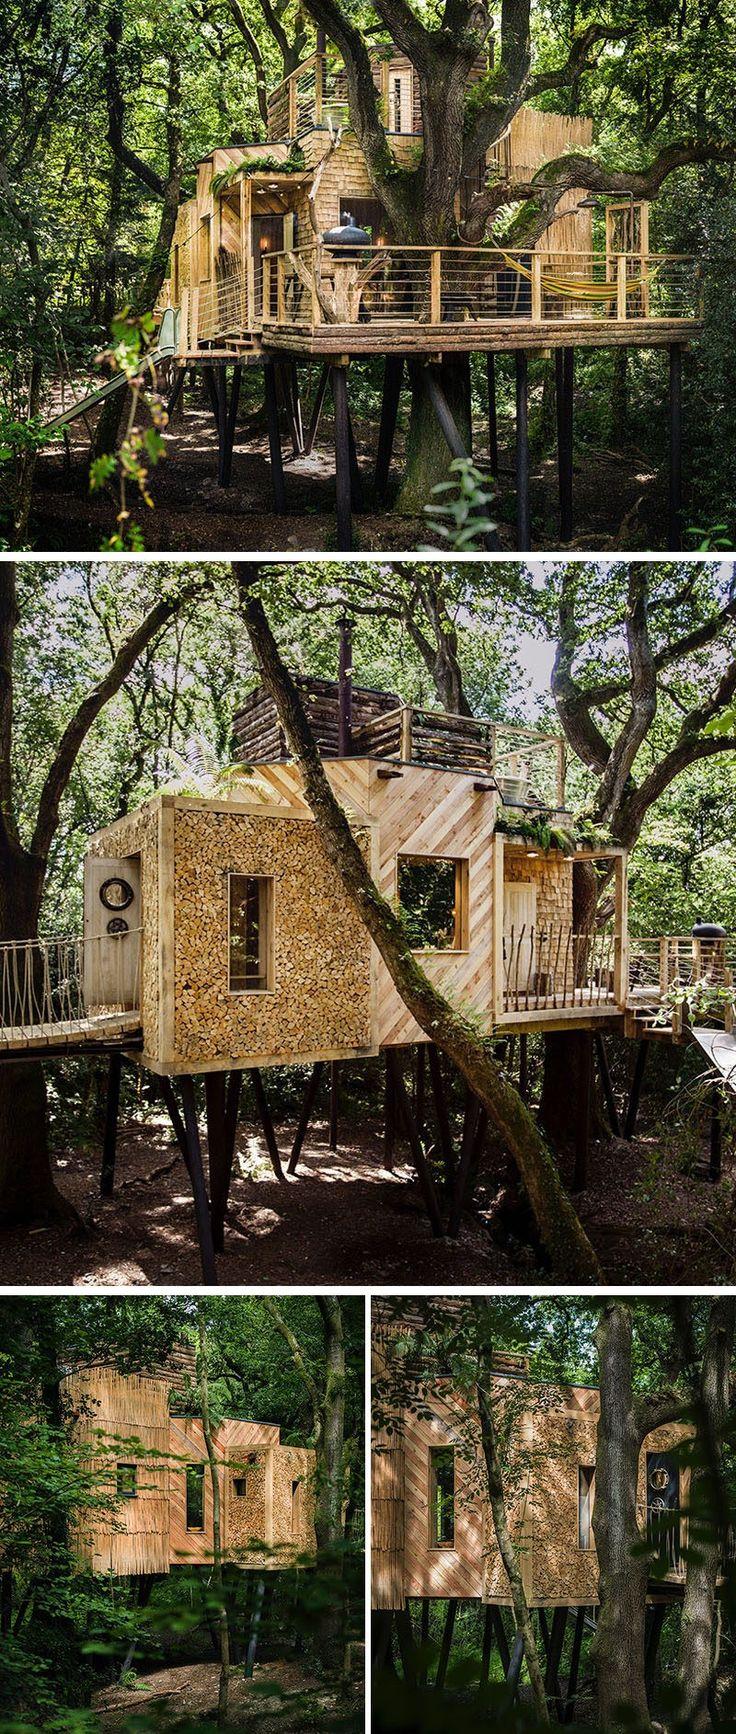 Dieses Erstaunliche Baumhaus Hotel Wurde Entworfen Für Erwachsene Auf Urlaub Design